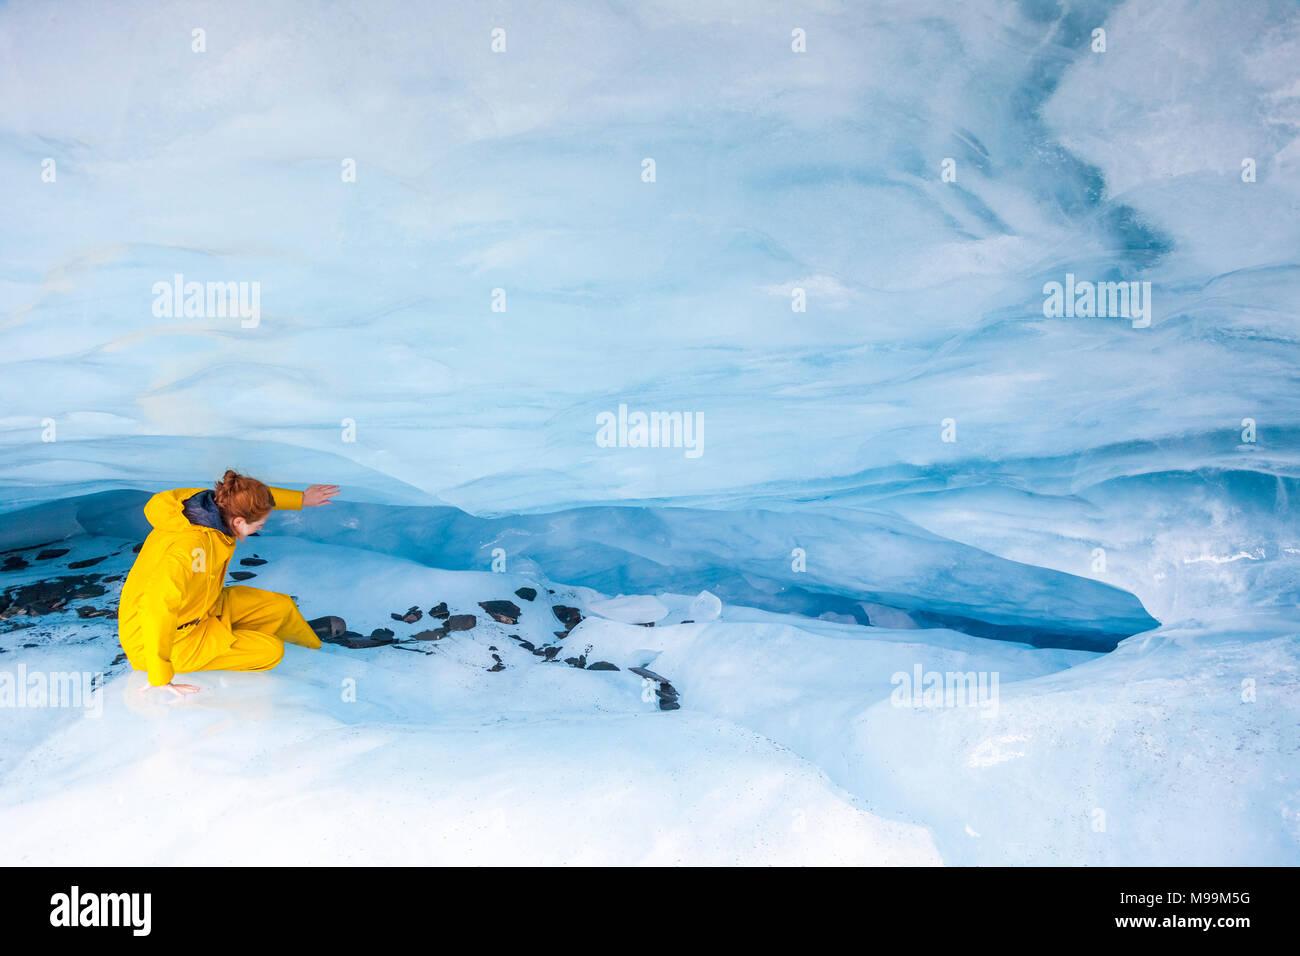 USA, Alaska, Valdez, Valdez Glacier young woman wearing oilskin, exploring ice cave - Stock Image